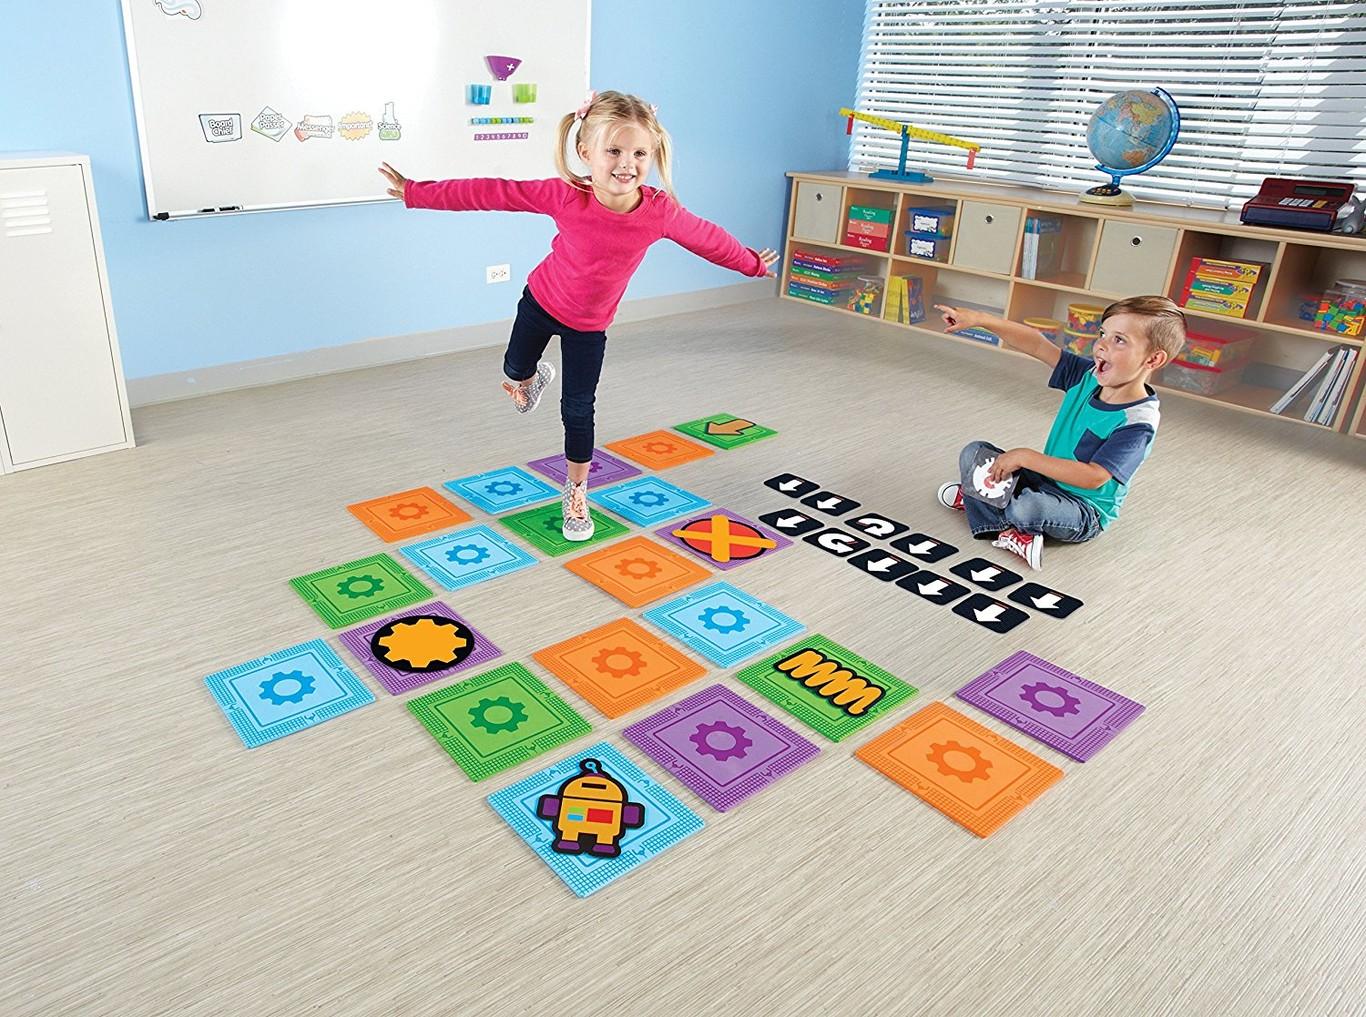 Enseñar programación a un niño sin PC ni robots: juegos de mesa, kits para imprimir, libros y recursos gratuitos